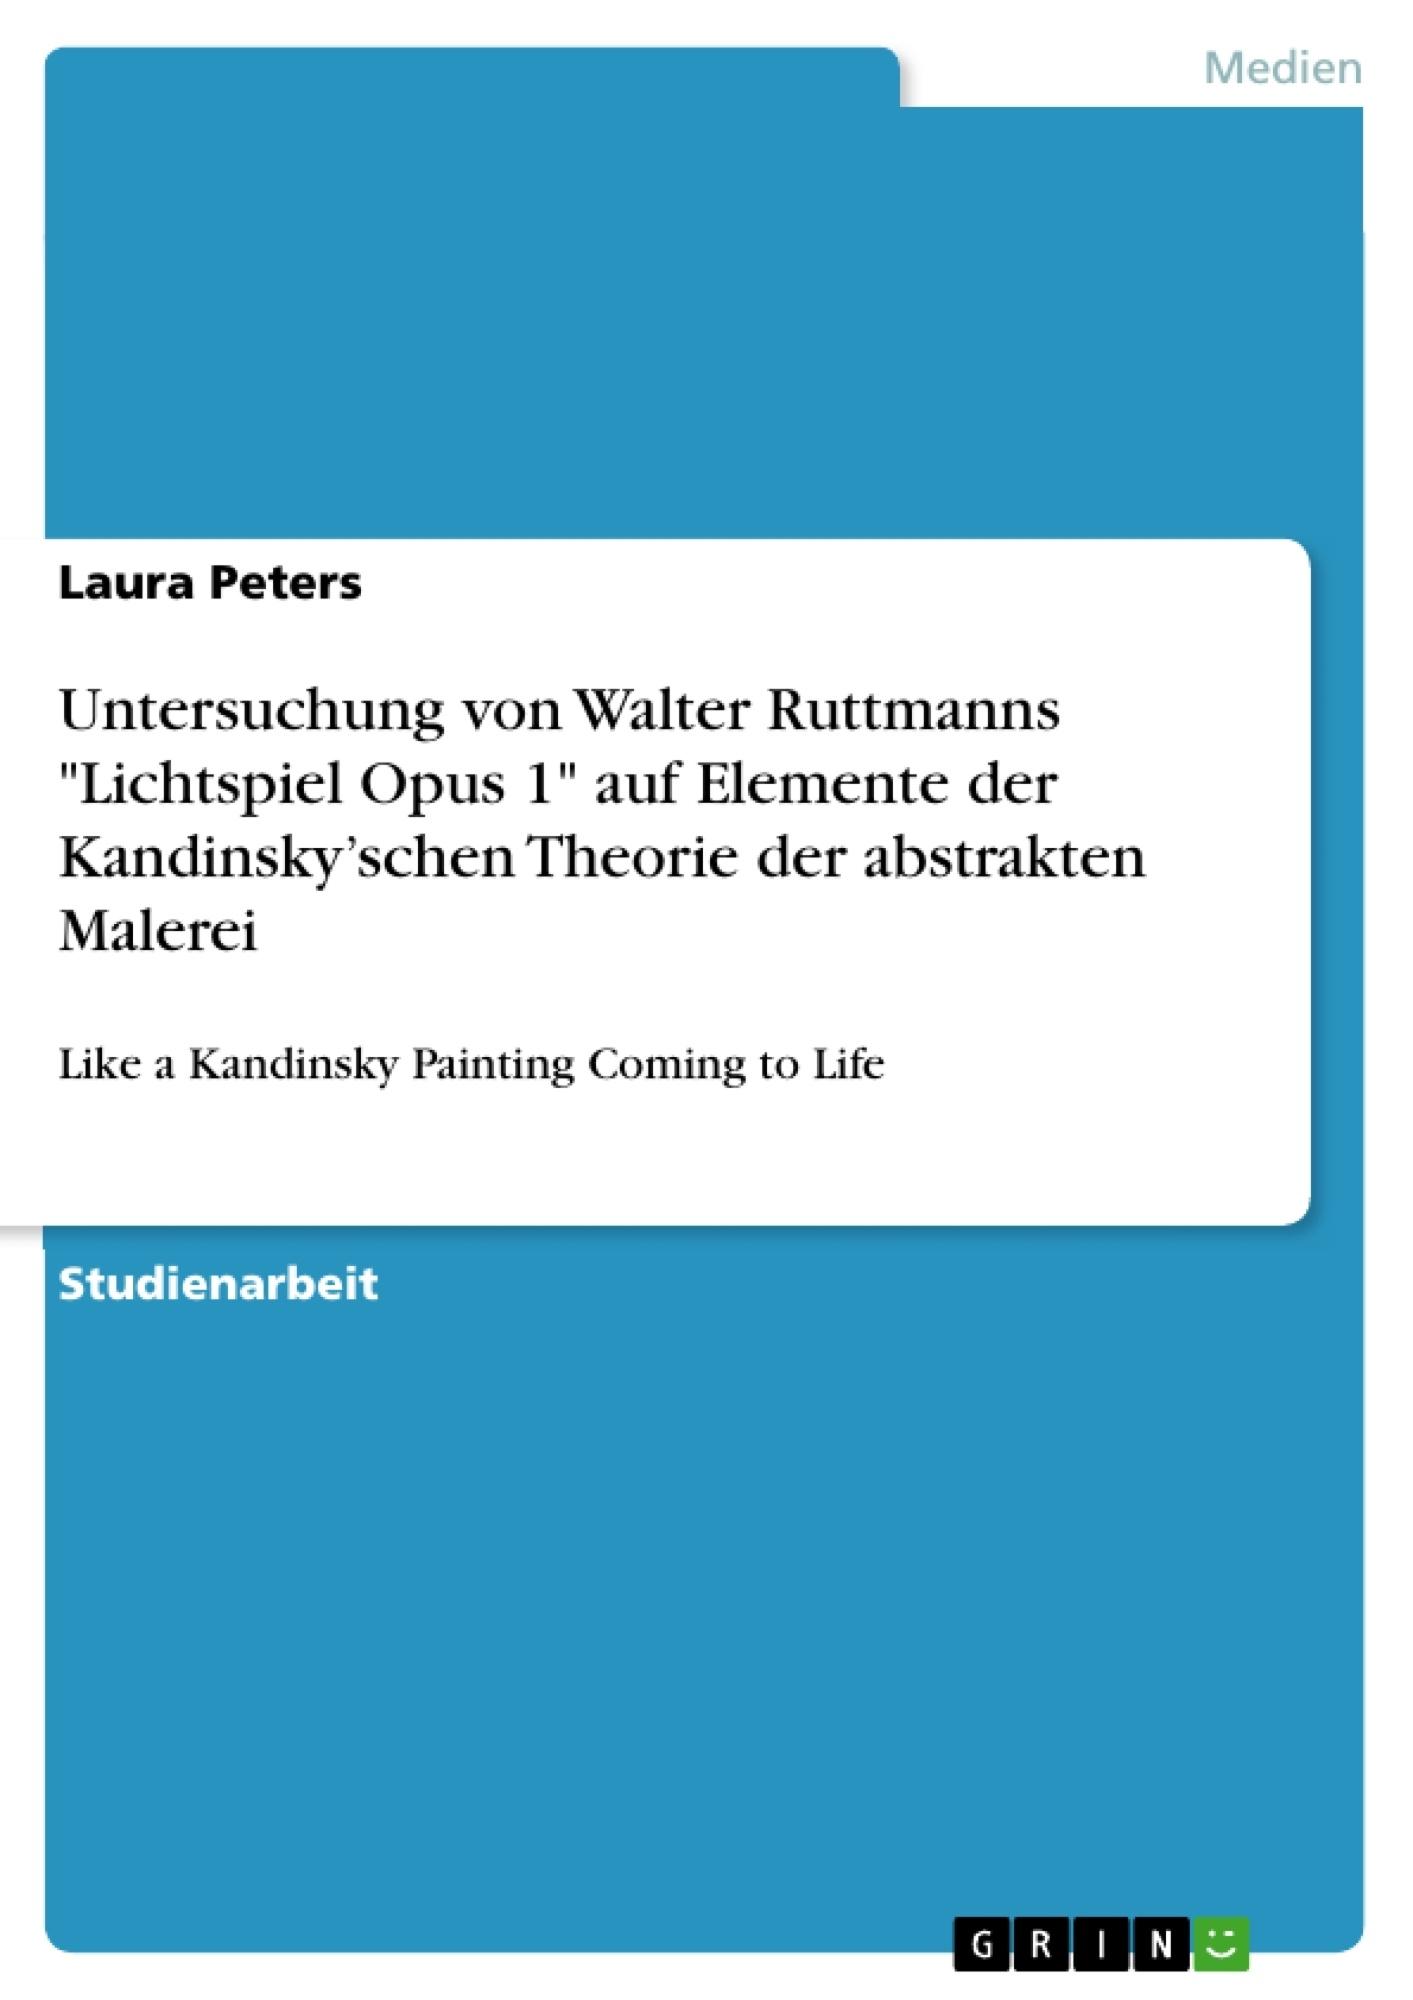 """Titel: Untersuchung von Walter Ruttmanns """"Lichtspiel Opus 1"""" auf Elemente der Kandinsky'schen Theorie der abstrakten Malerei"""